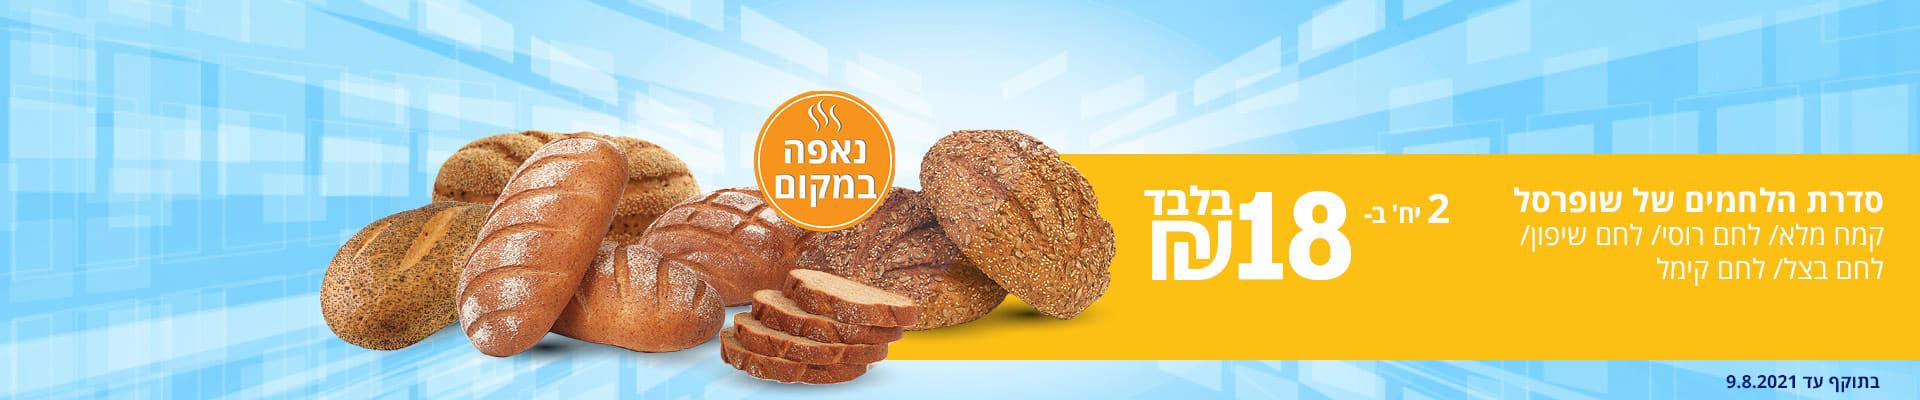 סדרת הלחמים של שופרסל קמח מלא/לחם רוסי/לחם שיפון /לחם בצל/לחם קימל 2 יח' ב- 18 ₪ בלבד בתוקף עד 9.8.2021